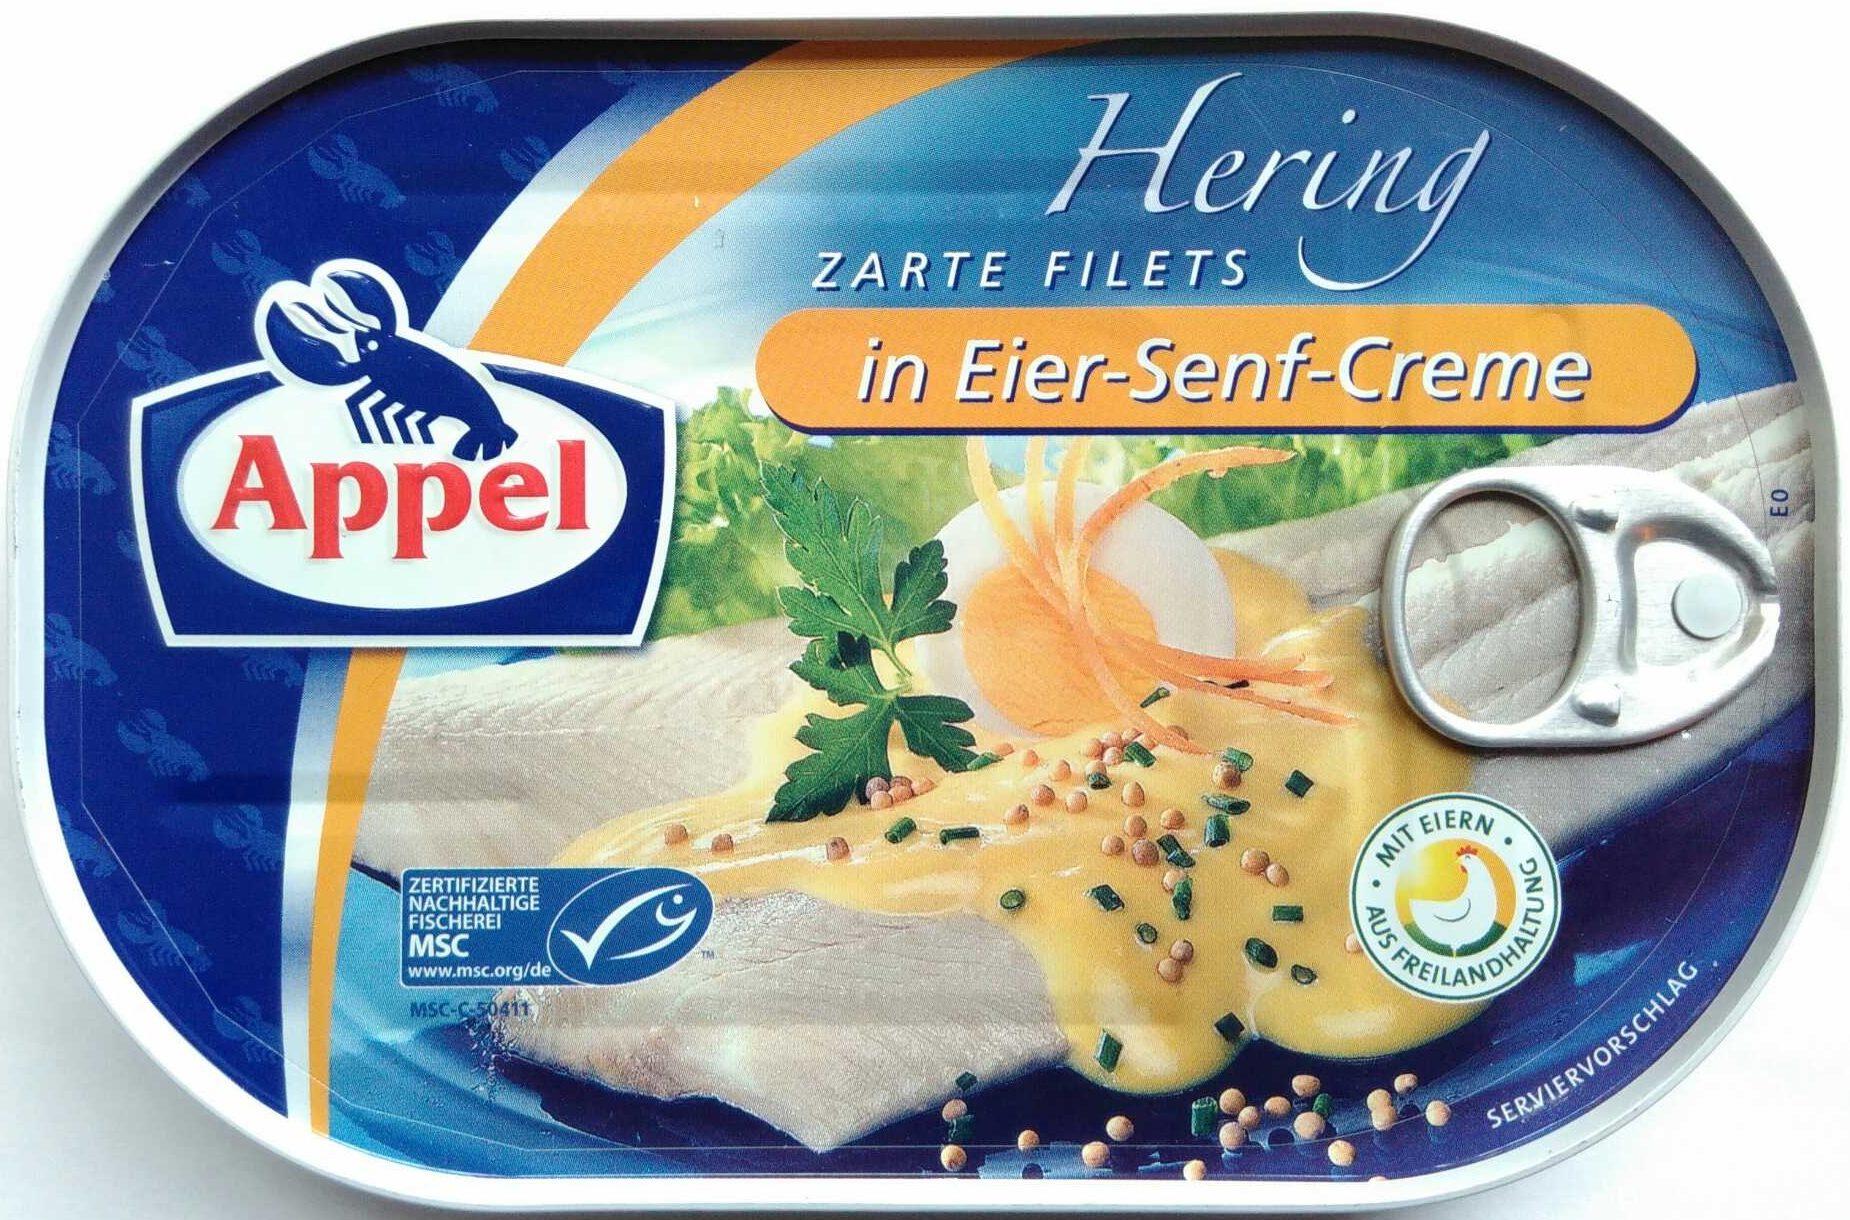 Hering in Eier-Senf-Creme - Product - de